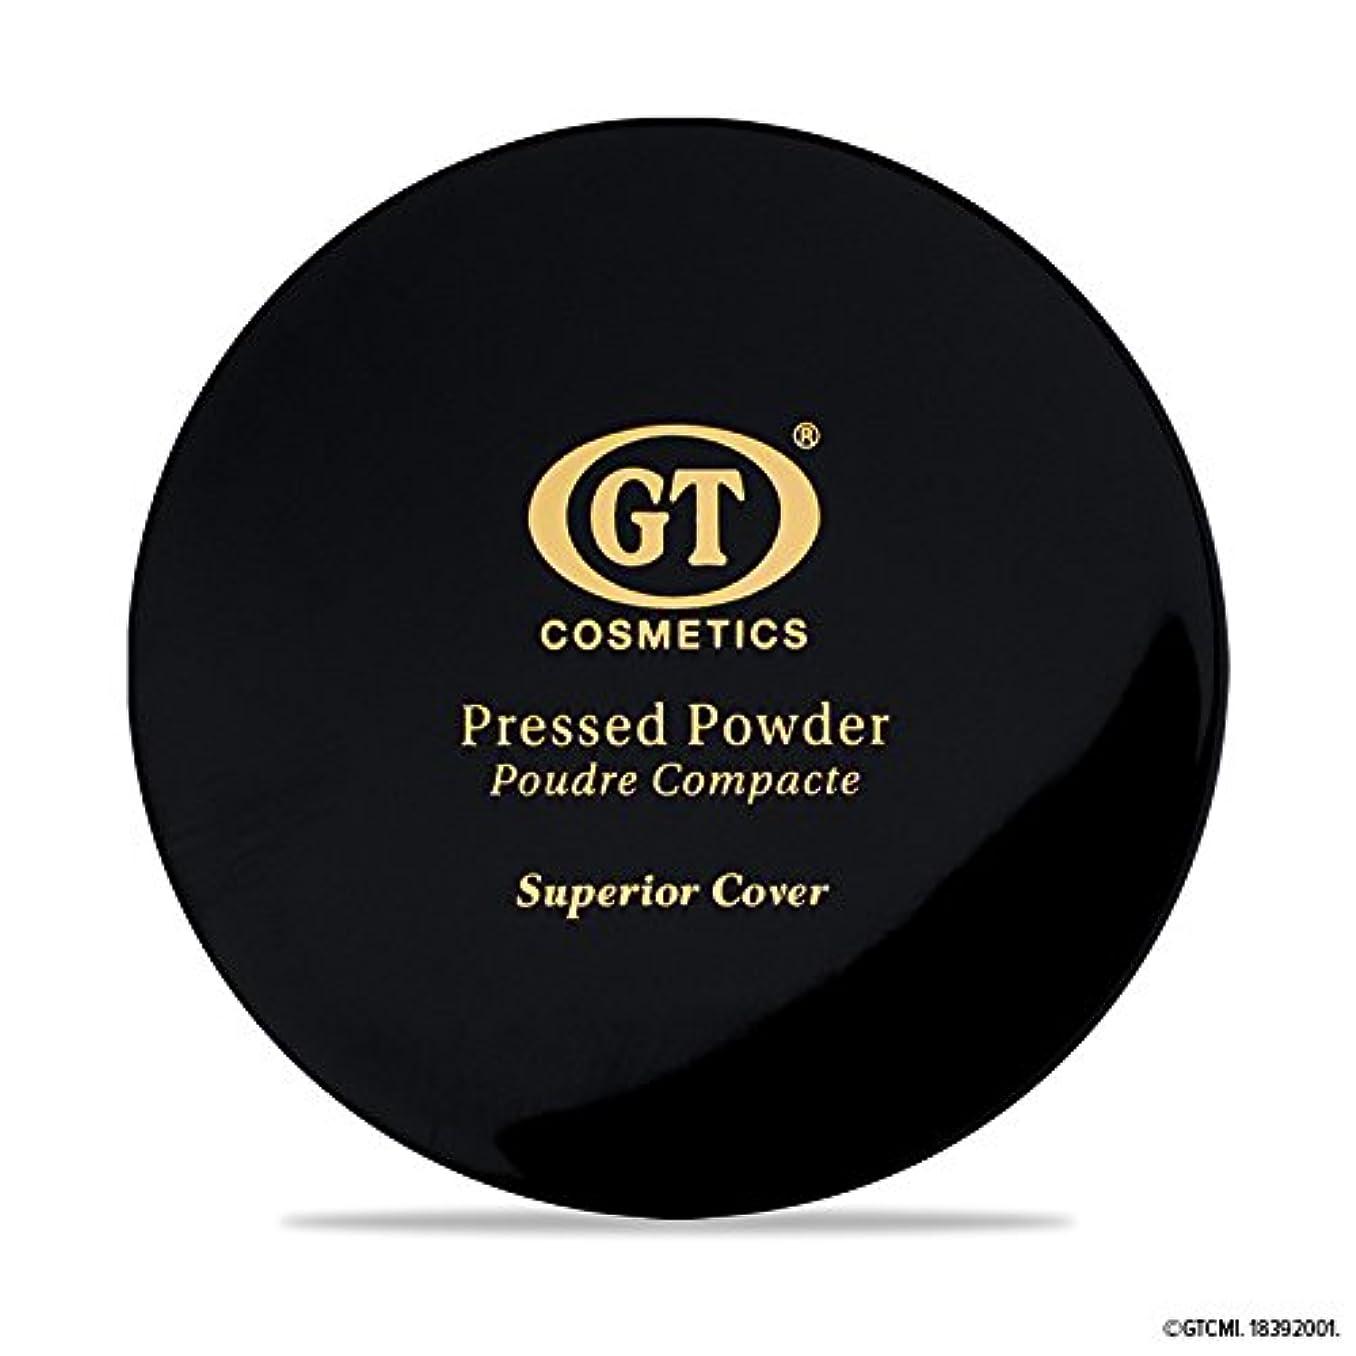 私たちポンププロペラGTpressed powder ナチュラルベージュ SPF20 正規輸入代理店 日本初上陸 コスメティック オーガニック ファンデーション